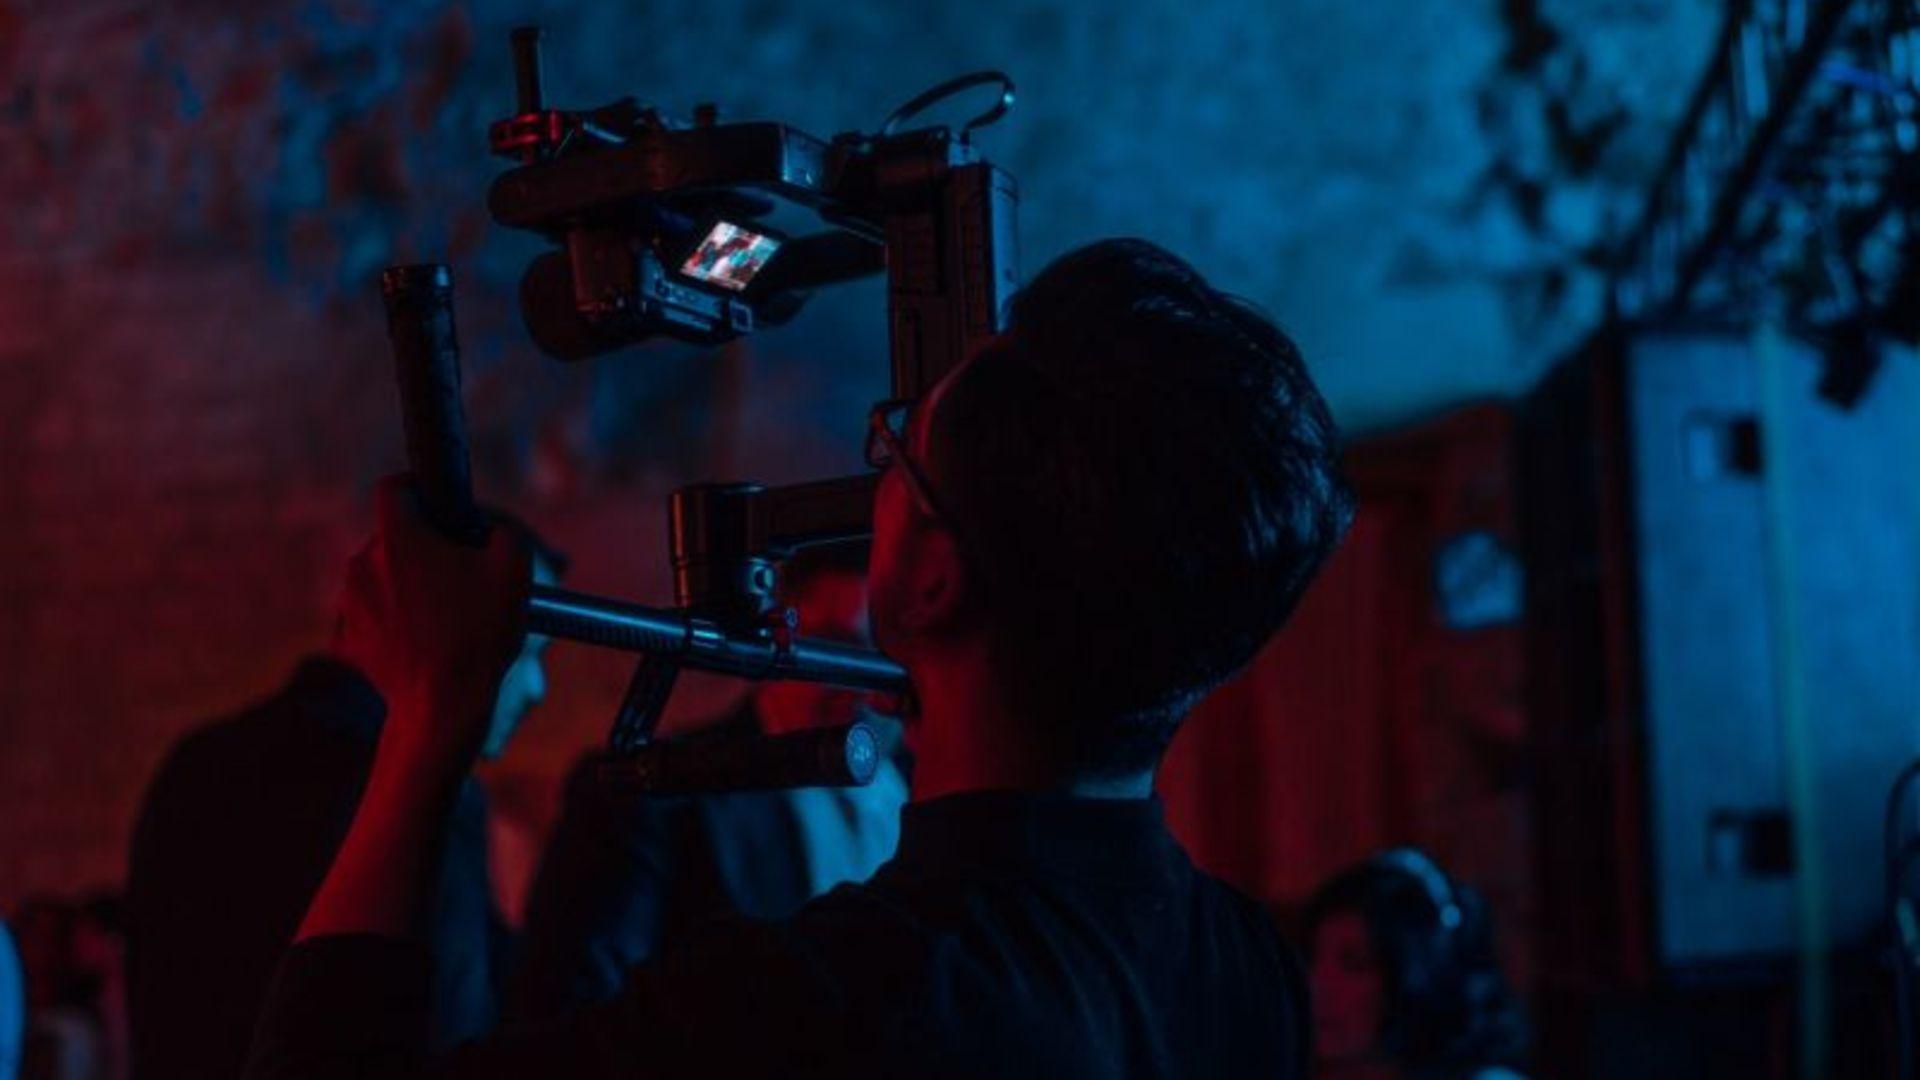 Beeïndigde serie 'Hannibal' krijgt mogelijk toch vierde seizoen